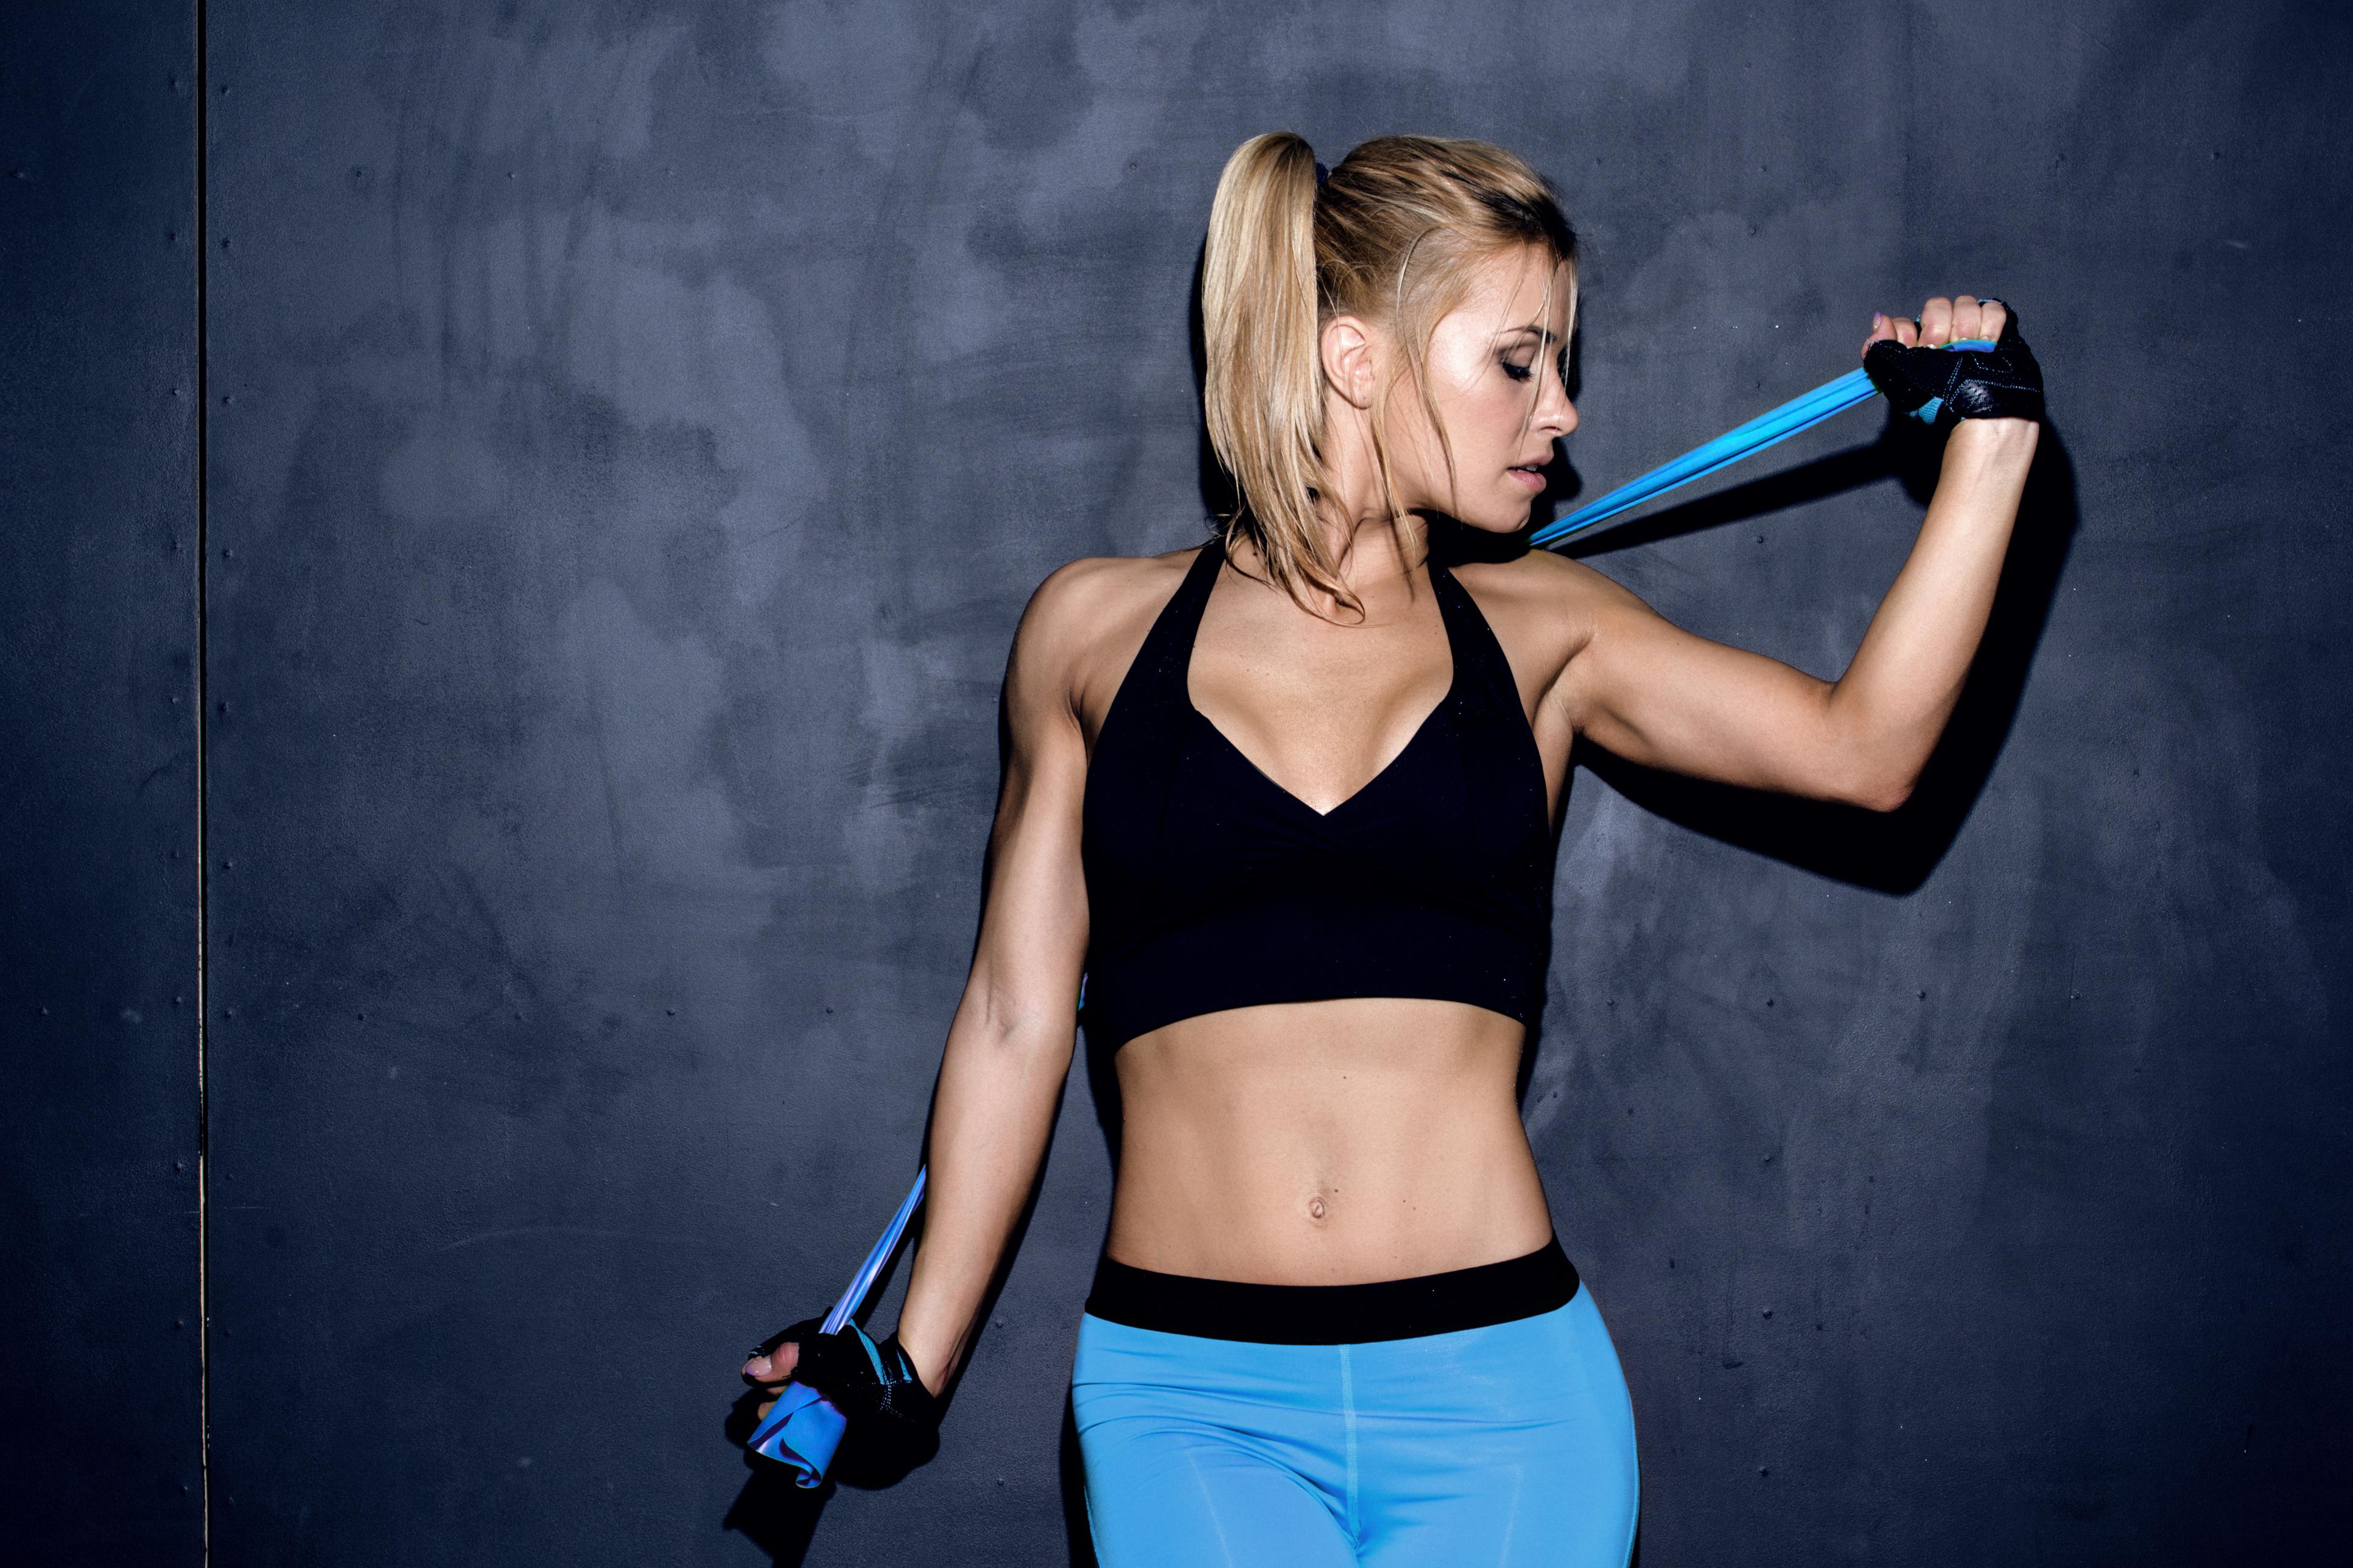 Як прокачати верхню частину тіла за допомогою гантелей